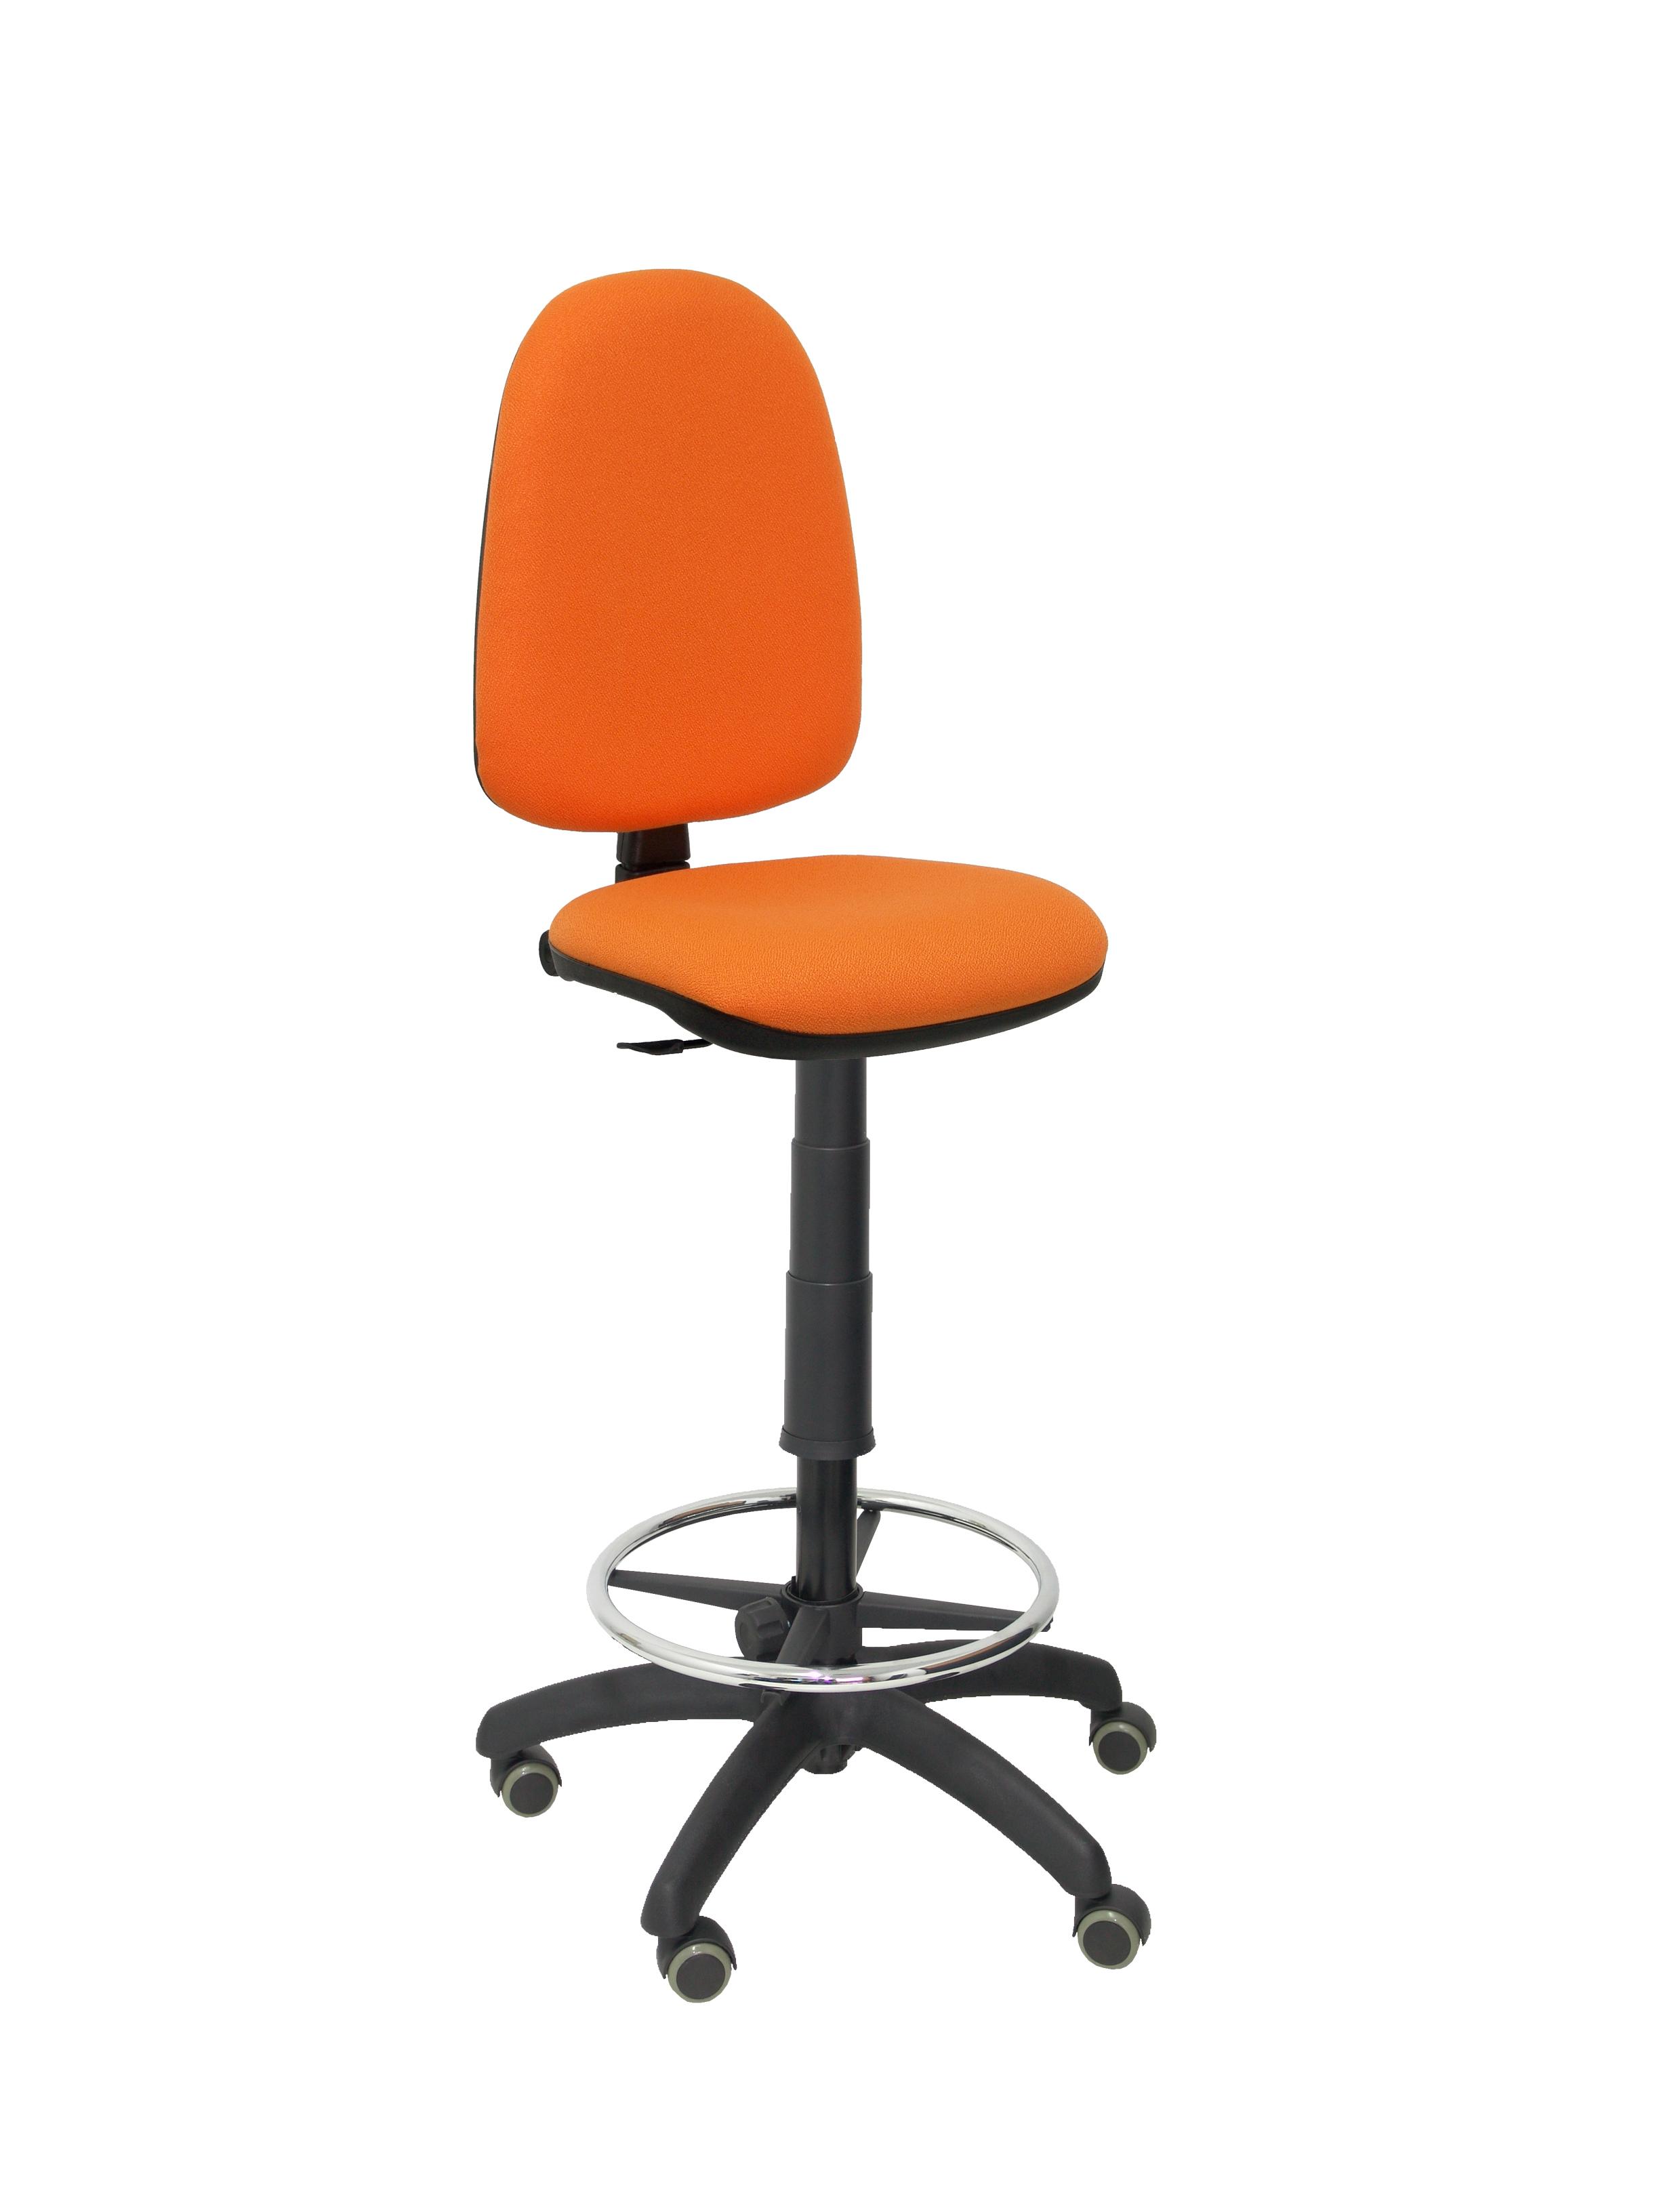 Taburete Ayna bali naranja ruedas de parquet